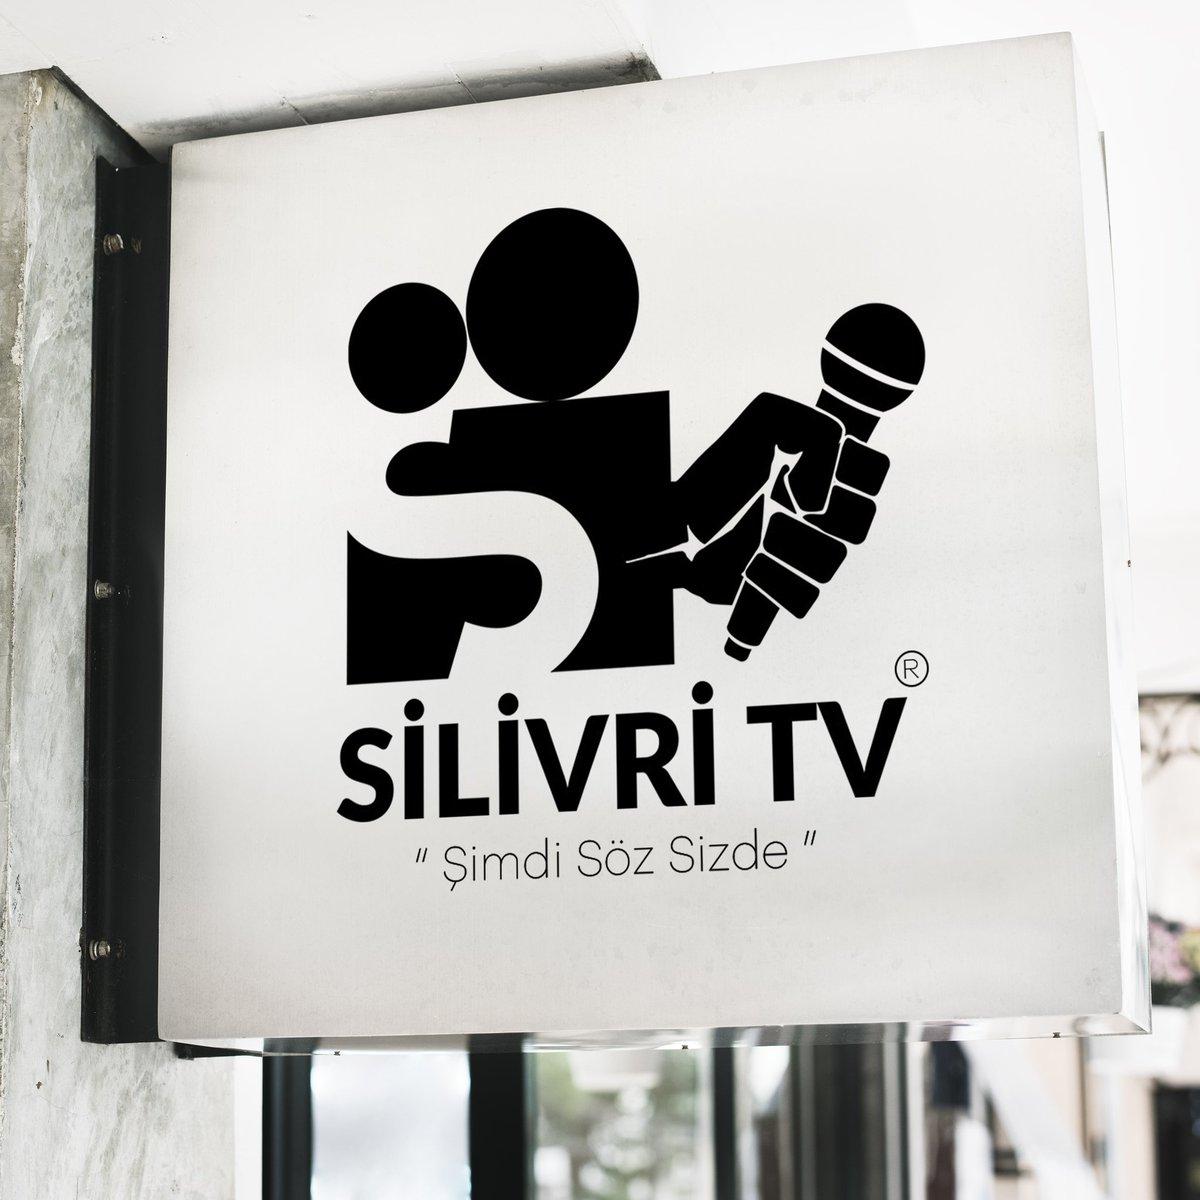 Sosyal Medya Hesaplarımız |  #SilivriTV ® |  |  |  |   #silivri #silivritvtr #silivrideyaşamakgüzeldir #silivrisahil #silivribelediyesi #silivrihaber #silivriden